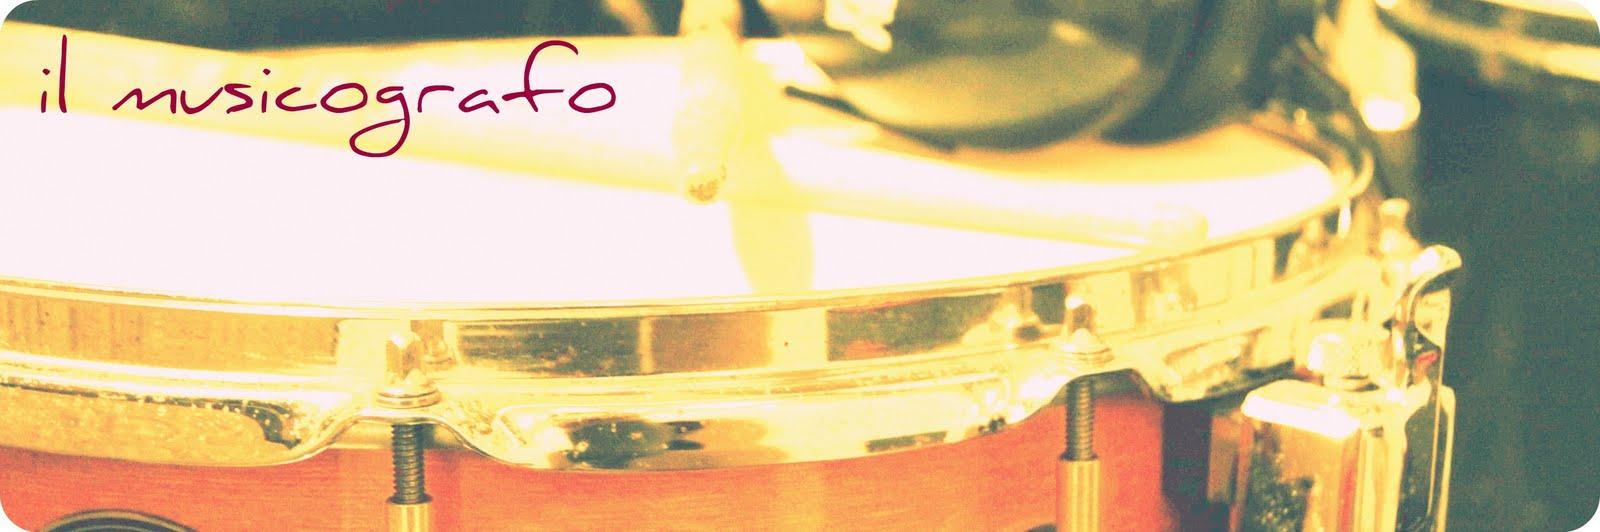 il musicografo